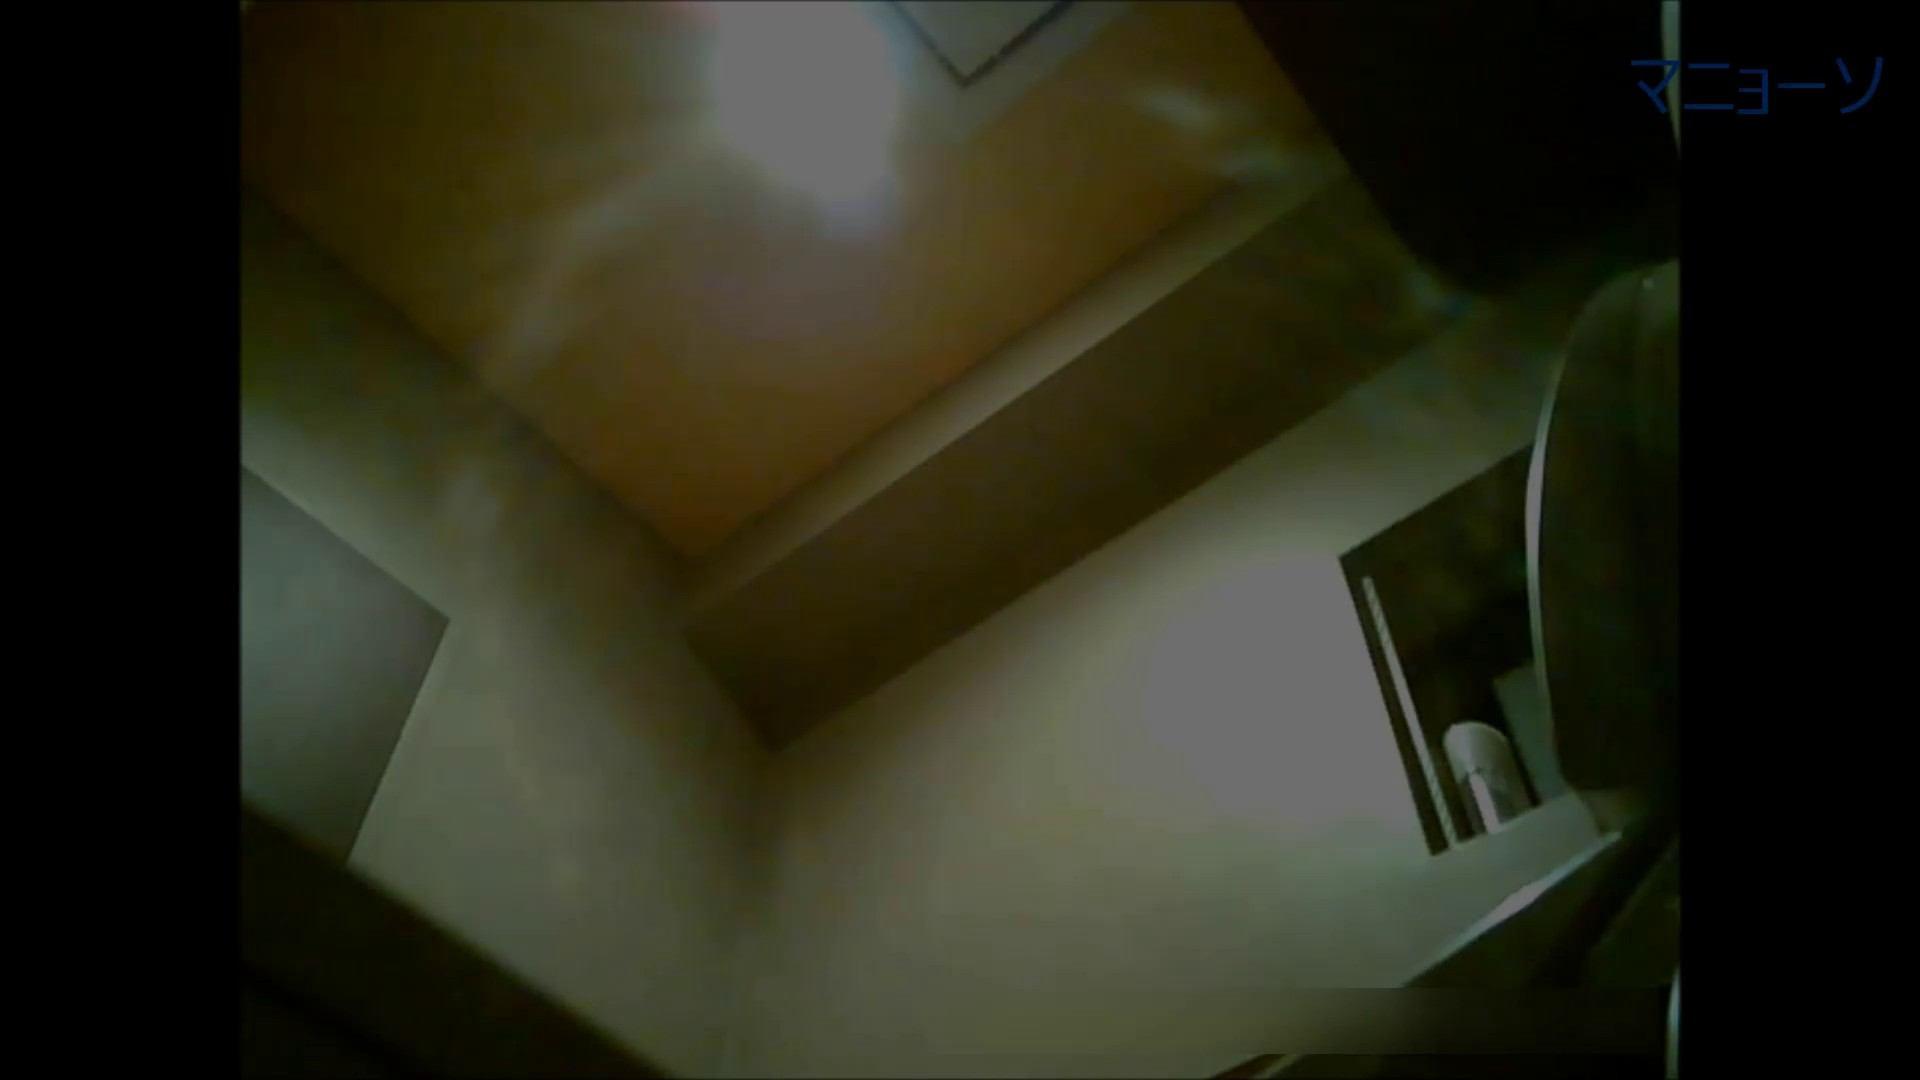 トイレでひと肌脱いでもらいました (JD編)Vol.01 トイレ中 | OL  67連発 32